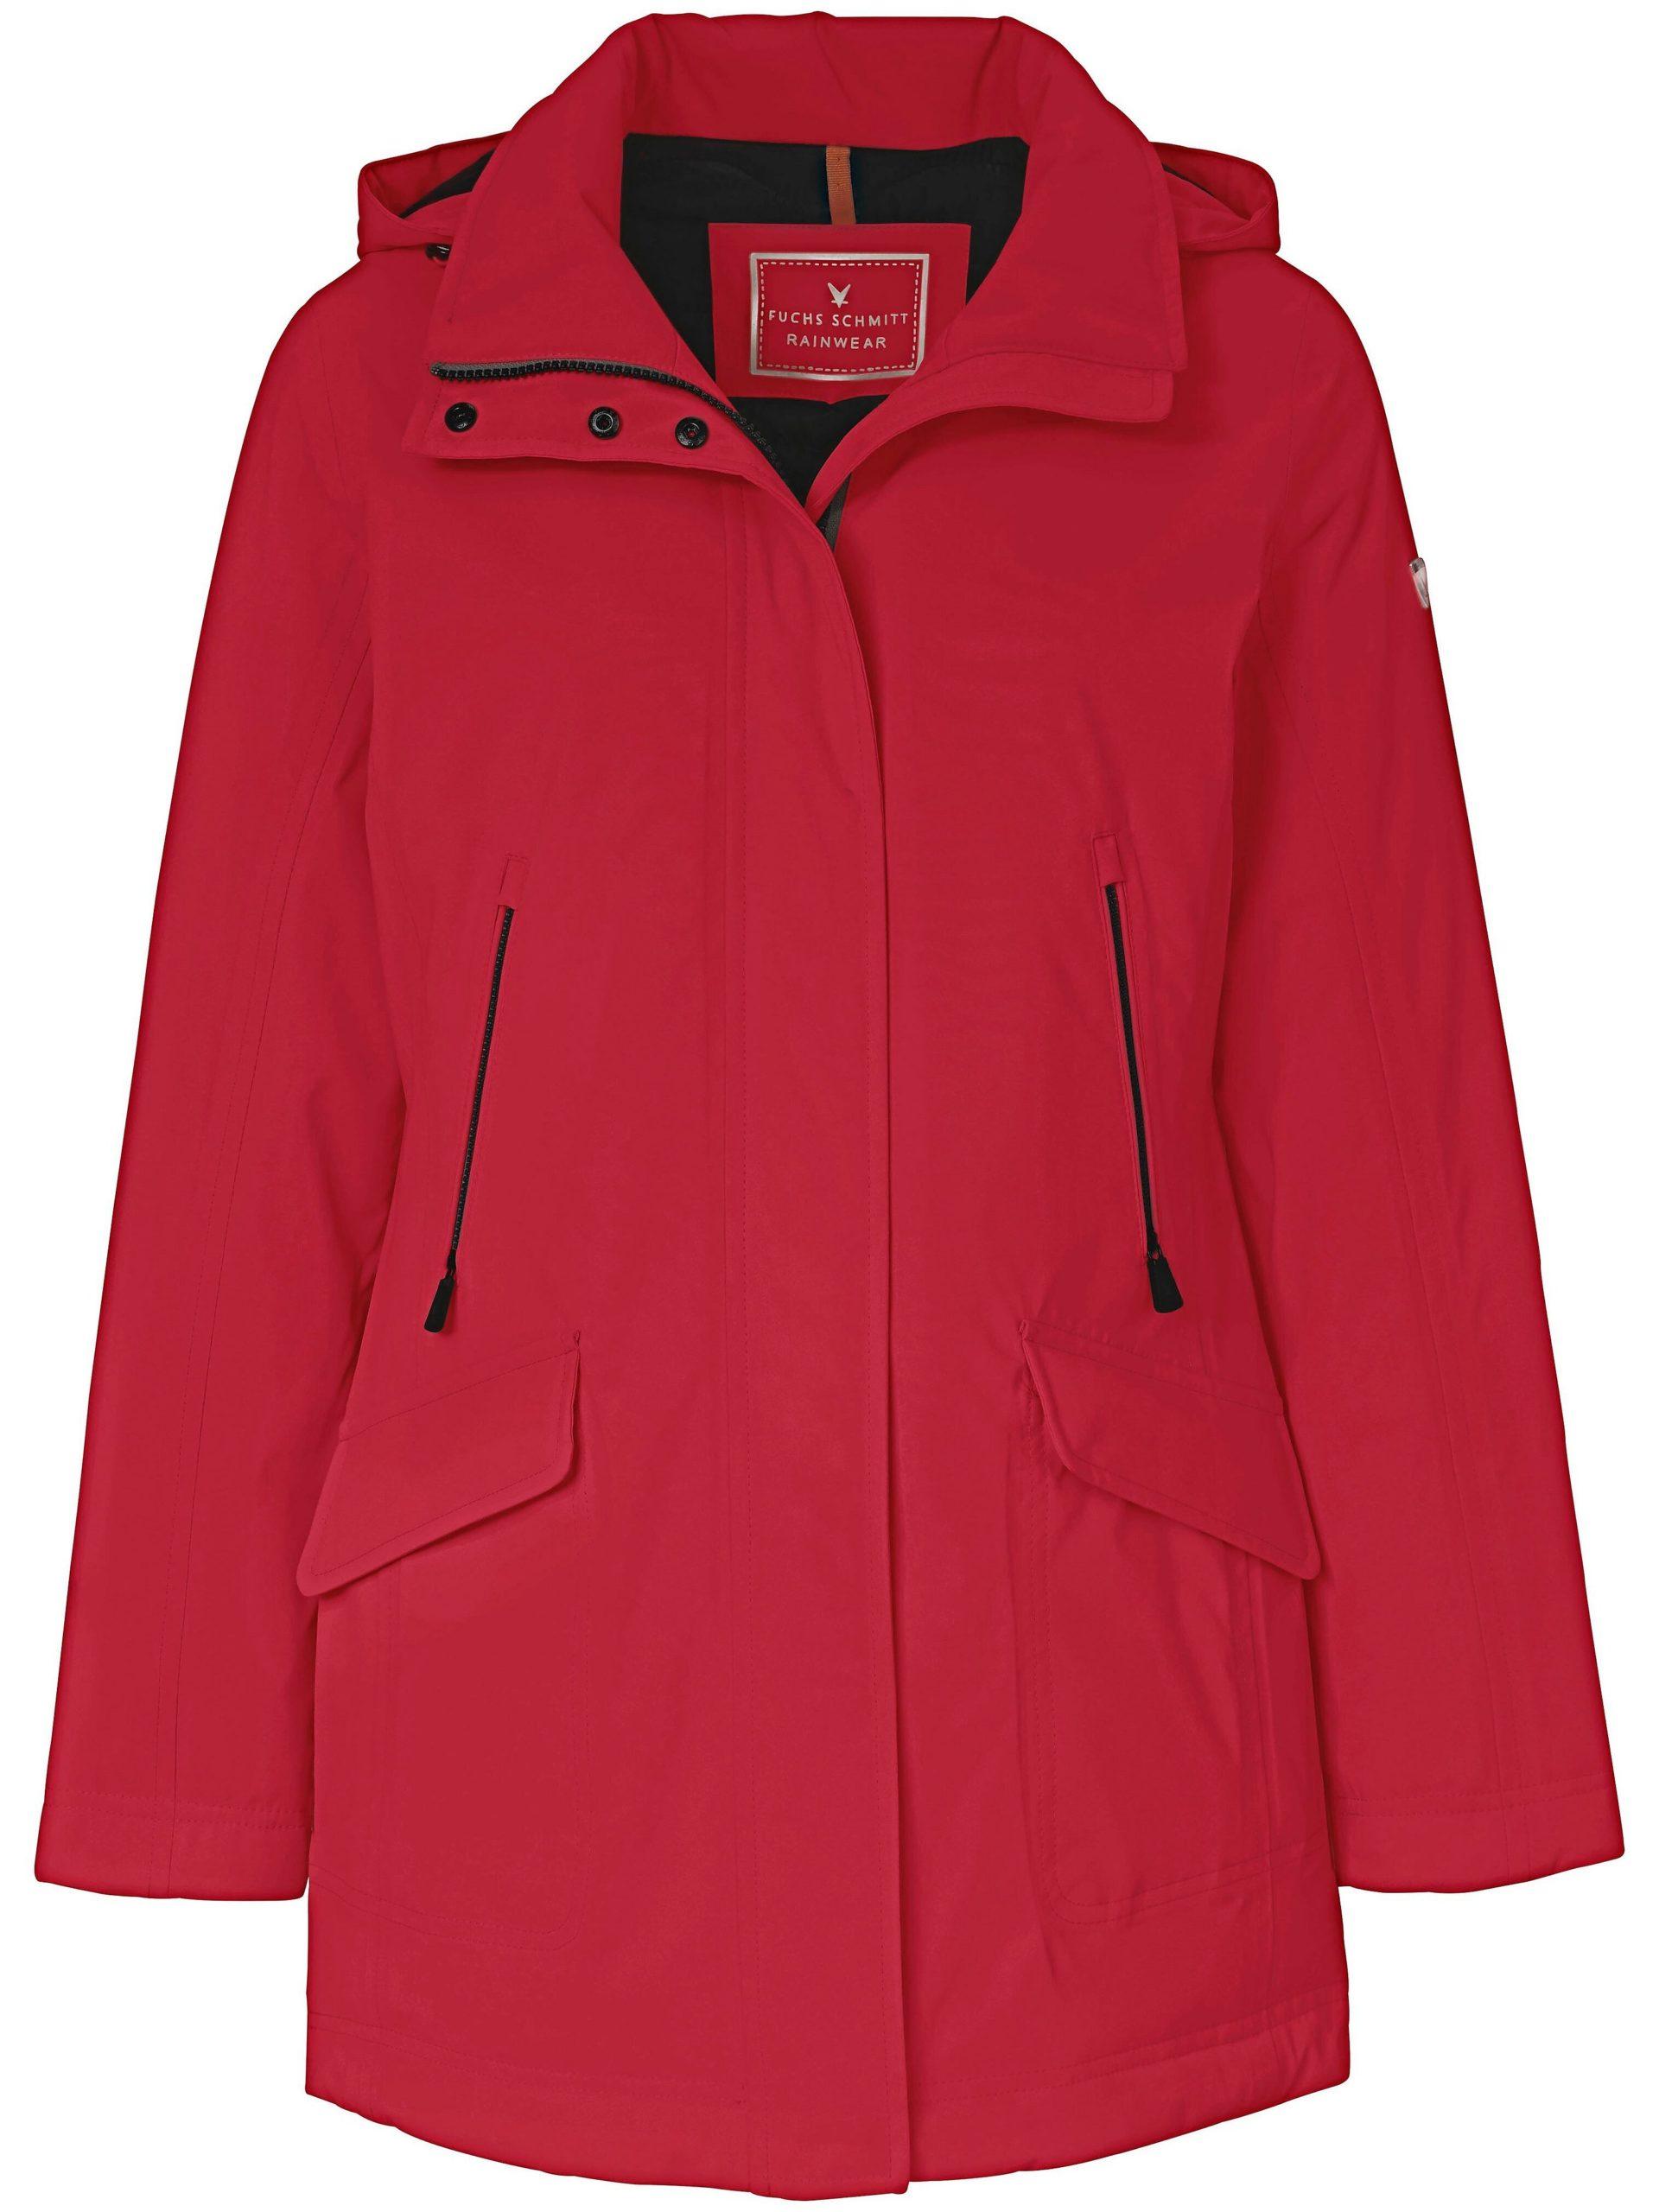 Rainwear-jas Van Fuchs & Schmitt rood Kopen